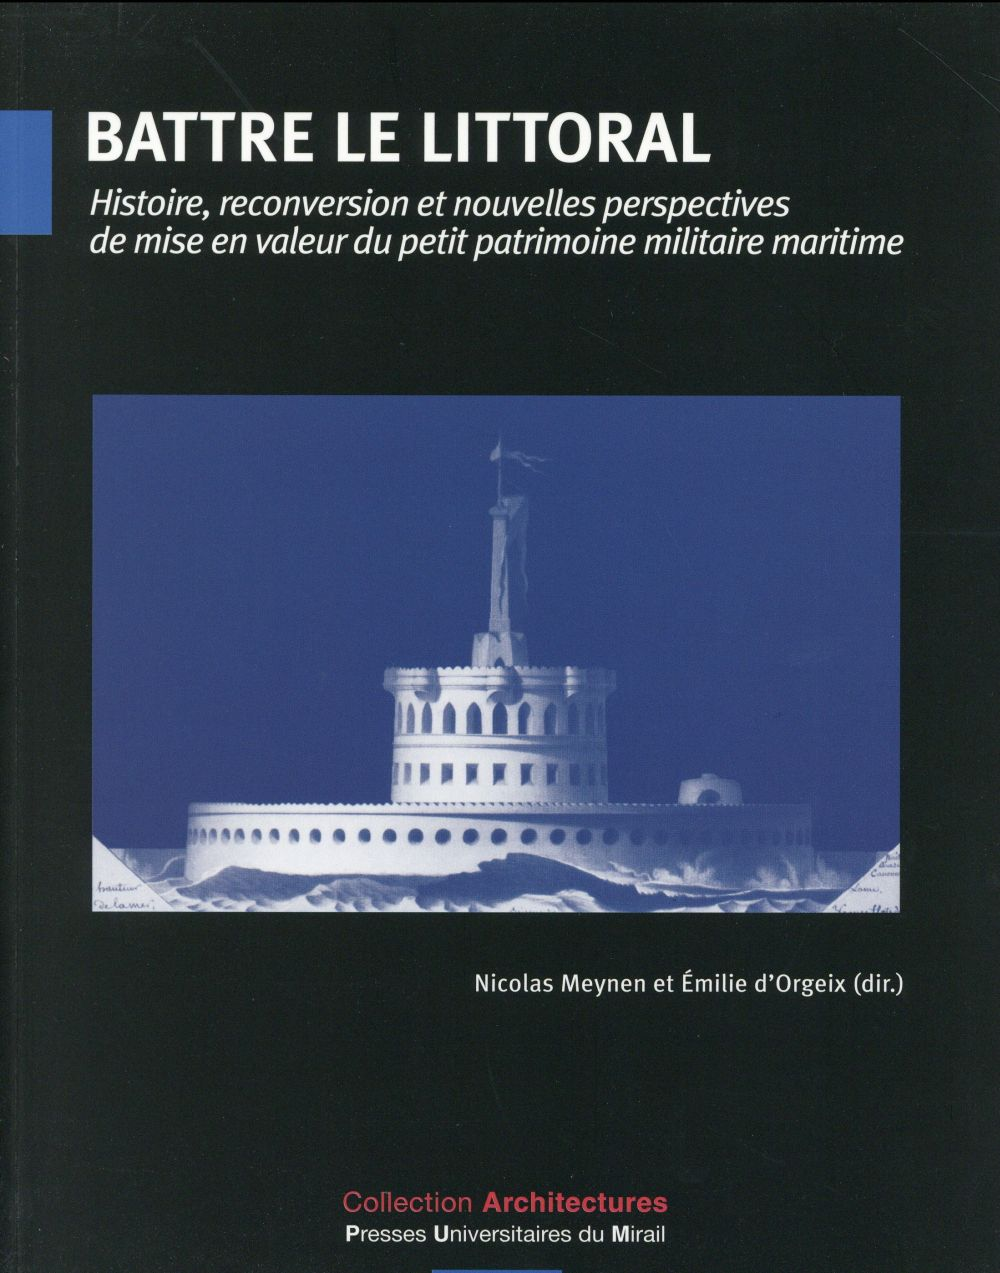 BATTRE LE LITTORAL